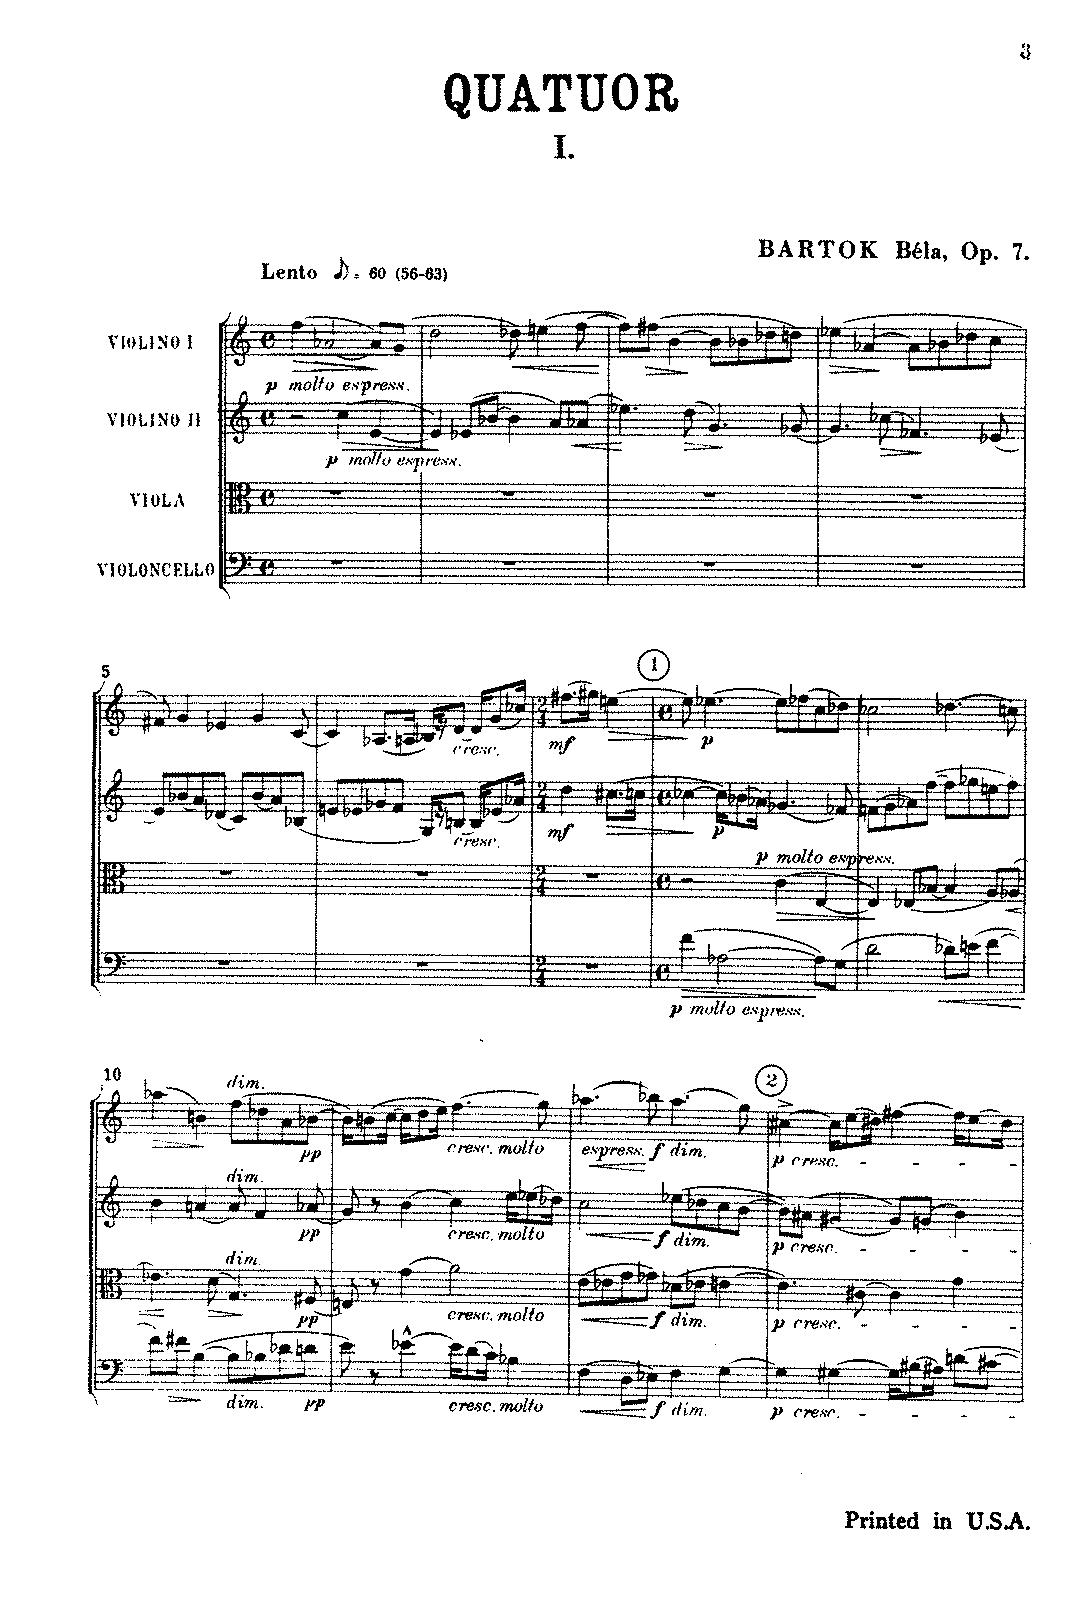 String Quartet No 1, Sz 40 (Bartók, Béla) - IMSLP: Free